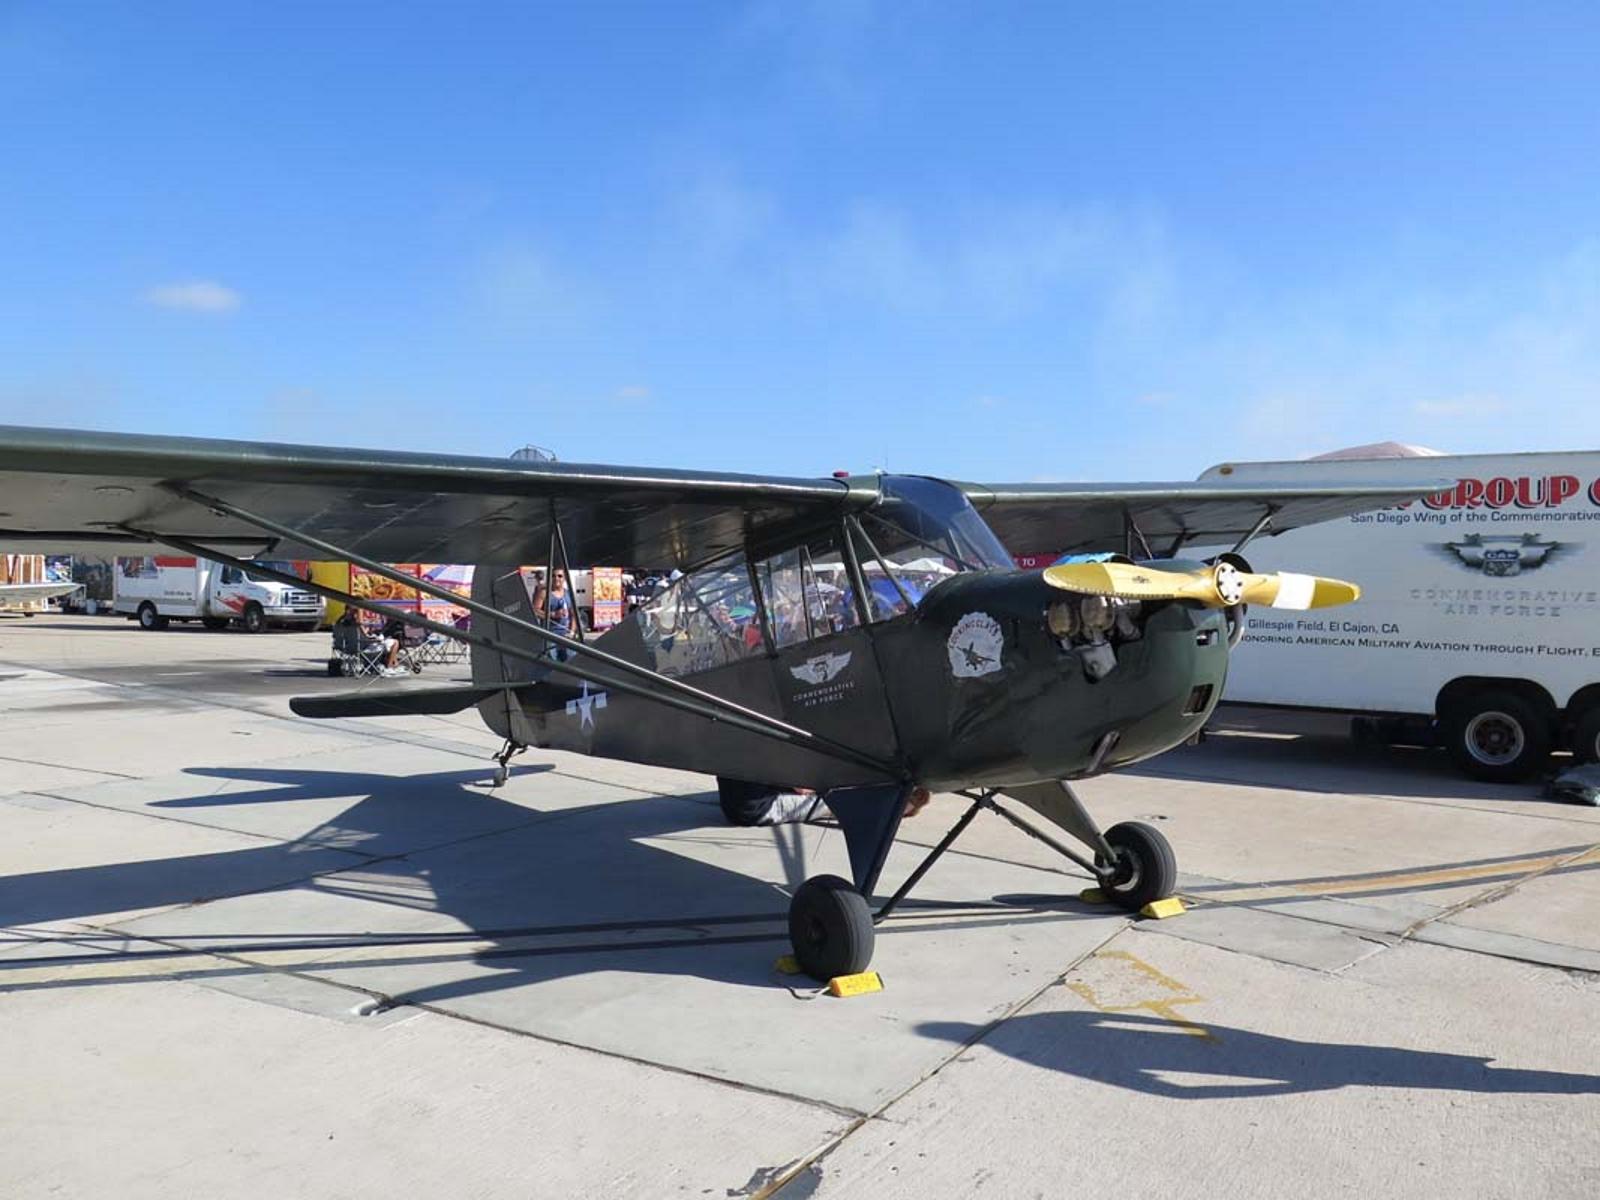 Aeronca L-3B Grasshoper